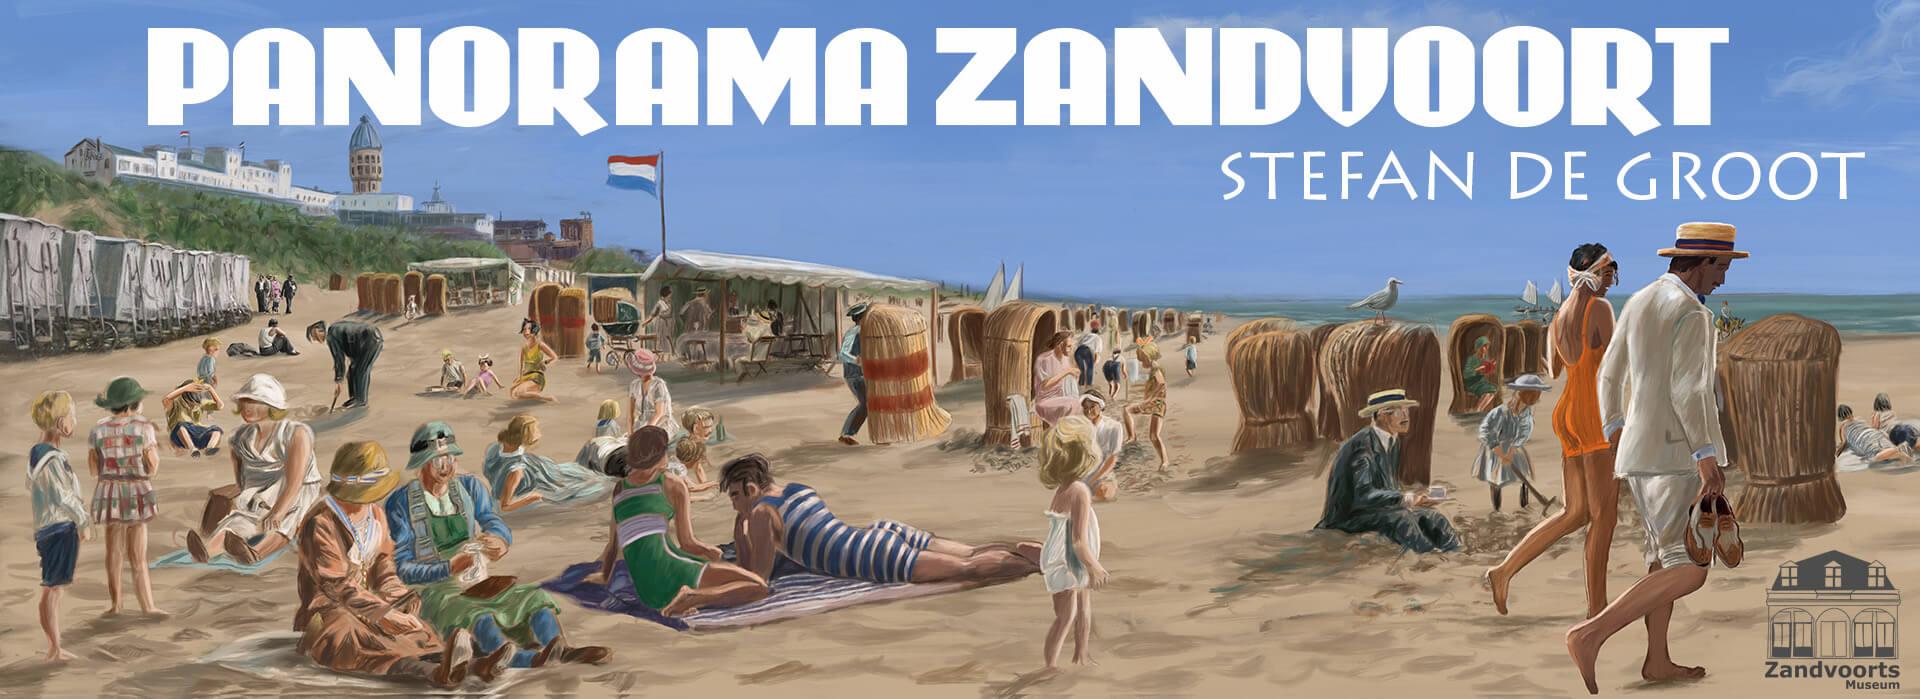 panorama Zandvoort Stefan de Groot